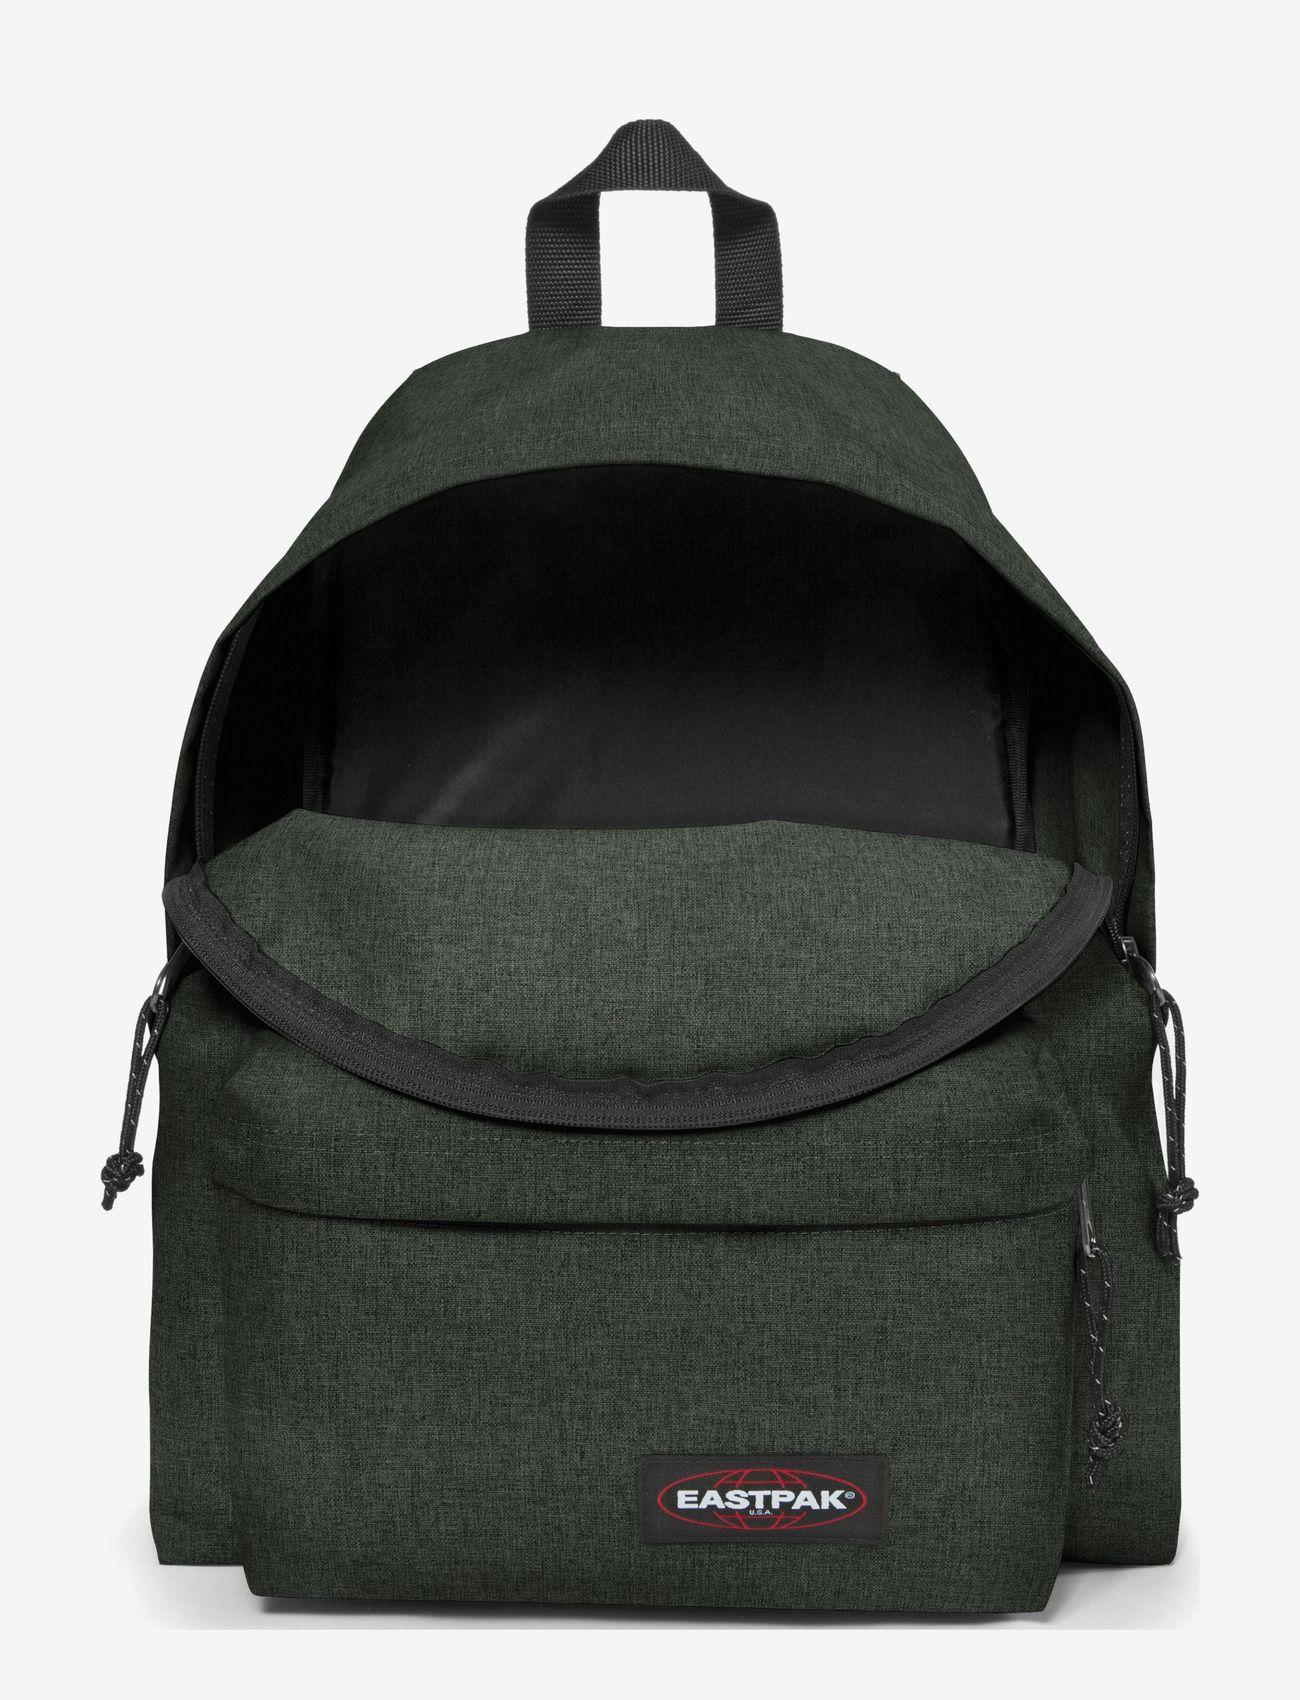 Eastpak - PADDED PAK'R - ryggsäckar - crafty moss - 1